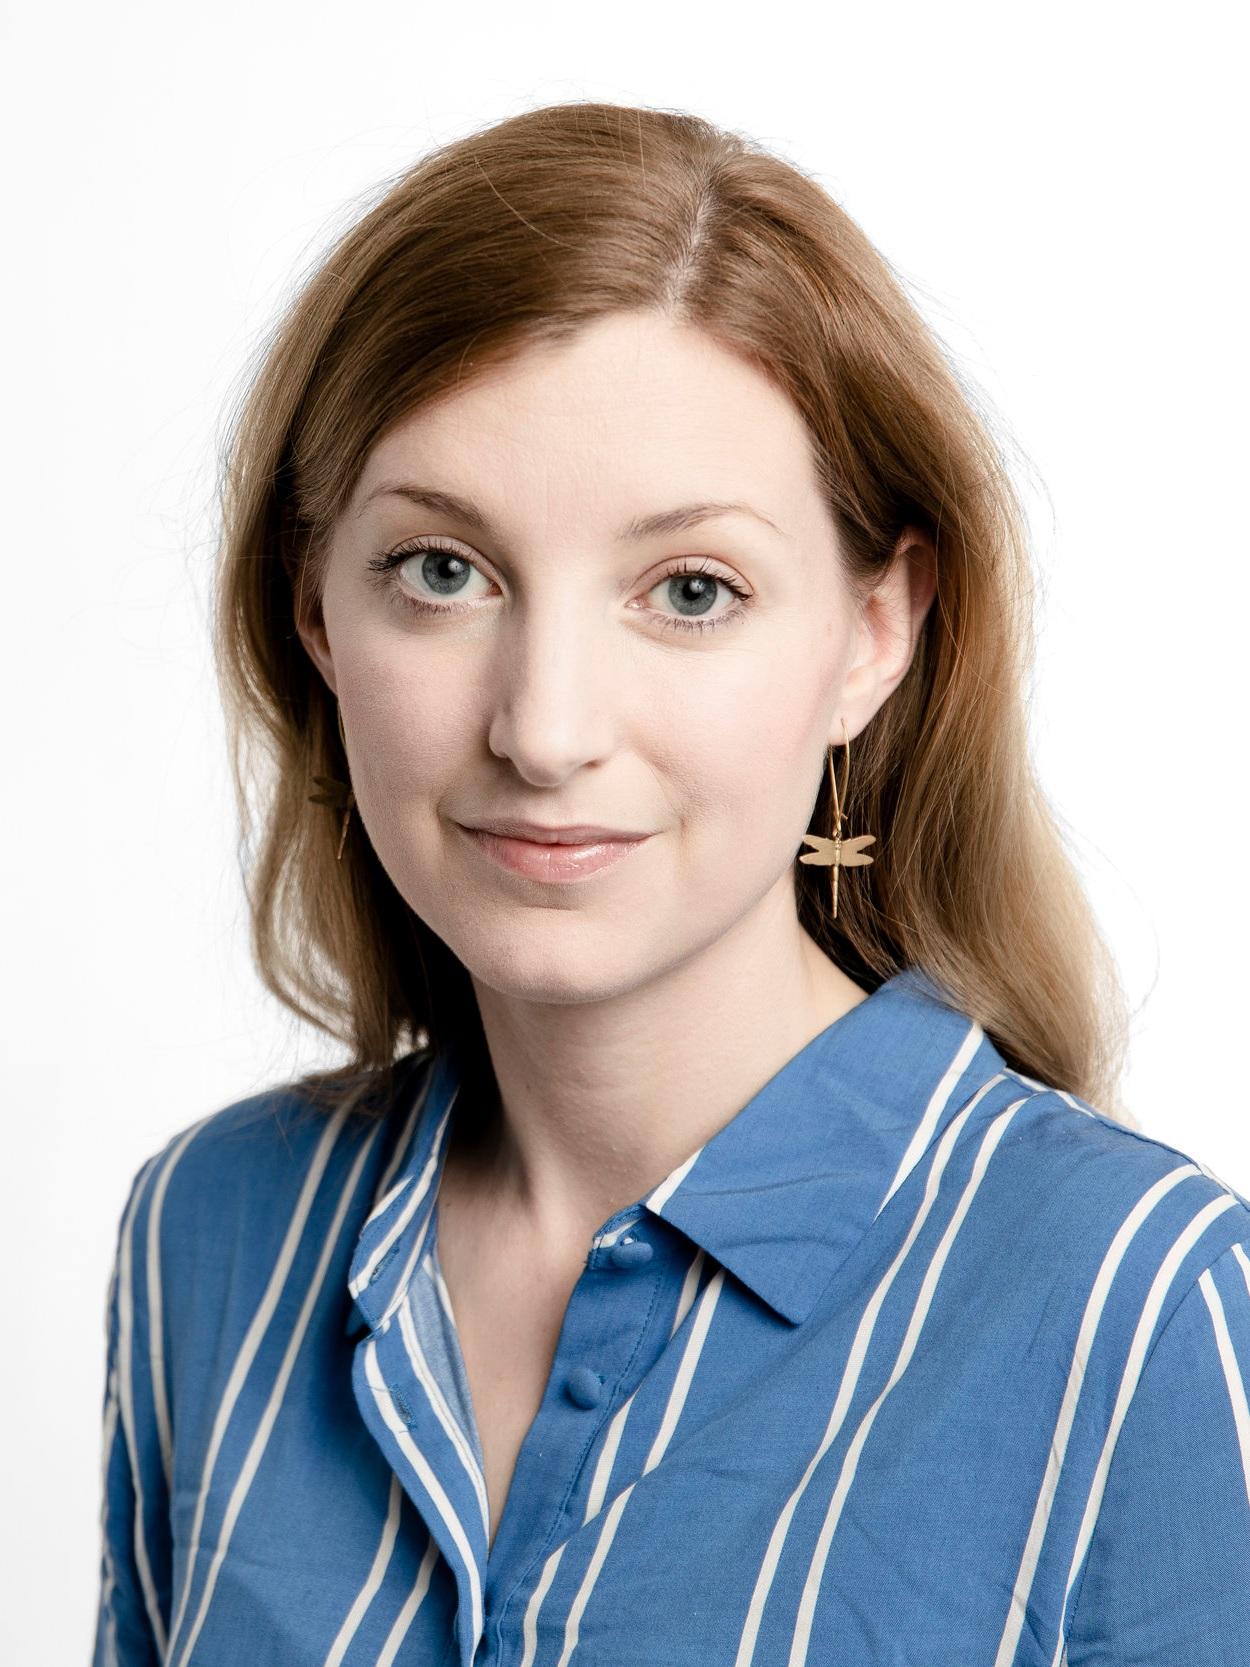 Frida Hylander - Leg. psykolog, STP-psykolog i klinisk psykologi och fil. kand. i Humanekologi. Frida är baserad i Malmö, arbetar kliniskt, samt driver psykologi- och yogaföretaget YOMI. Hon är en ofta anlitad föreläsare, med erfarenhet av flera större klimatprojekt riktade mot att hjälpa såväl familjer som företag att sänka sina klimatavtryck. Hon erbjuder kontinuerligt workshops och föreläsningar i hållbara beteendeförändringar.